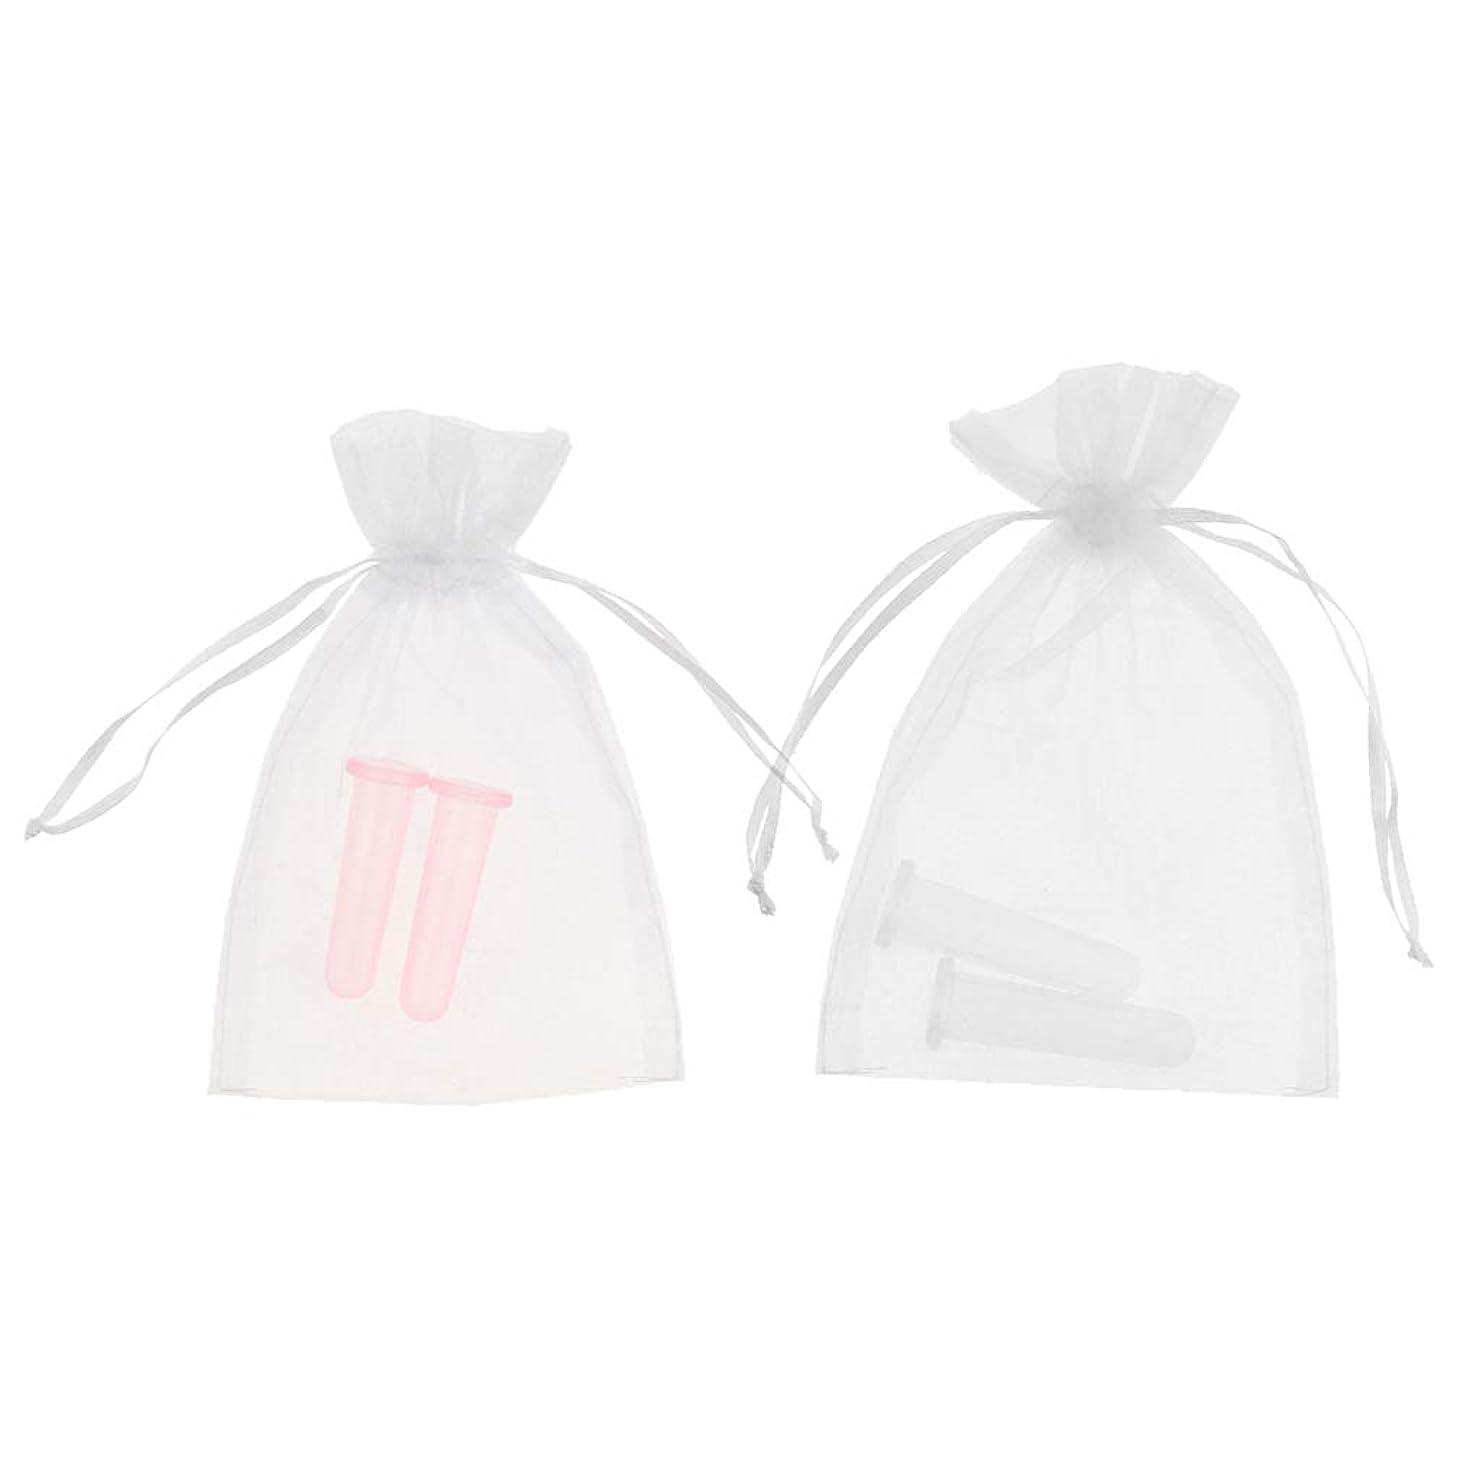 崩壊機関溶かすD DOLITY シリコーン素材 顔 首用 マッサージ 吸い玉 カッピングカップ 2個 収納ポーチ 高品質